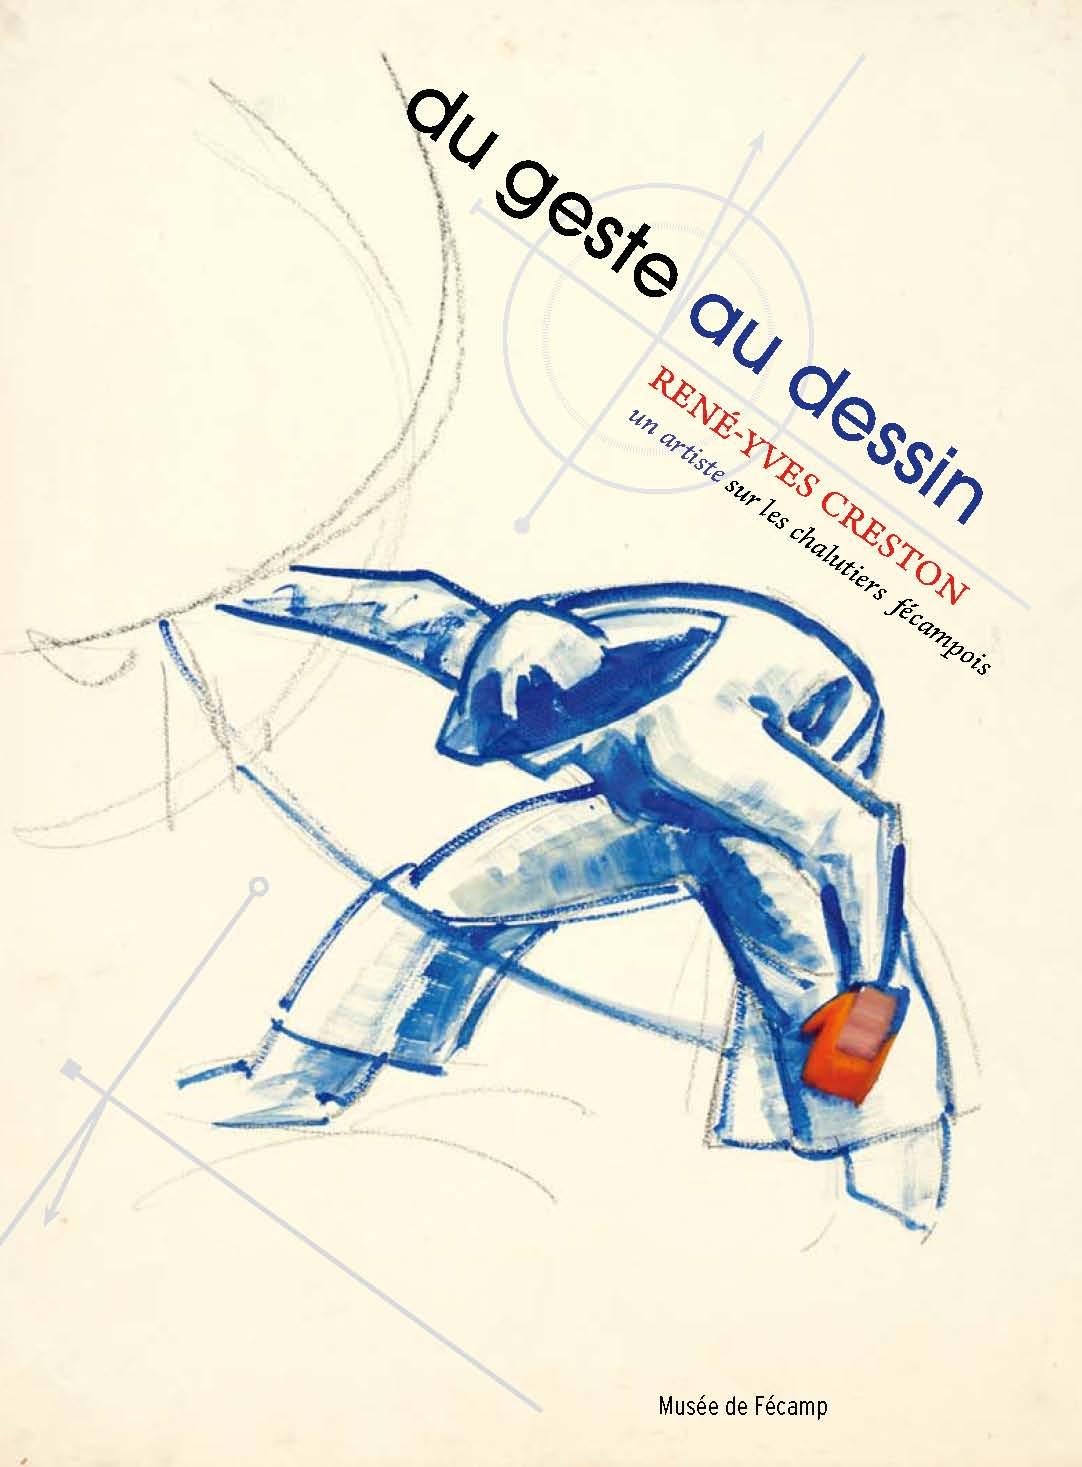 Du geste au dessin : René-Yves Creston, un artiste sur les chalutiers fécampois